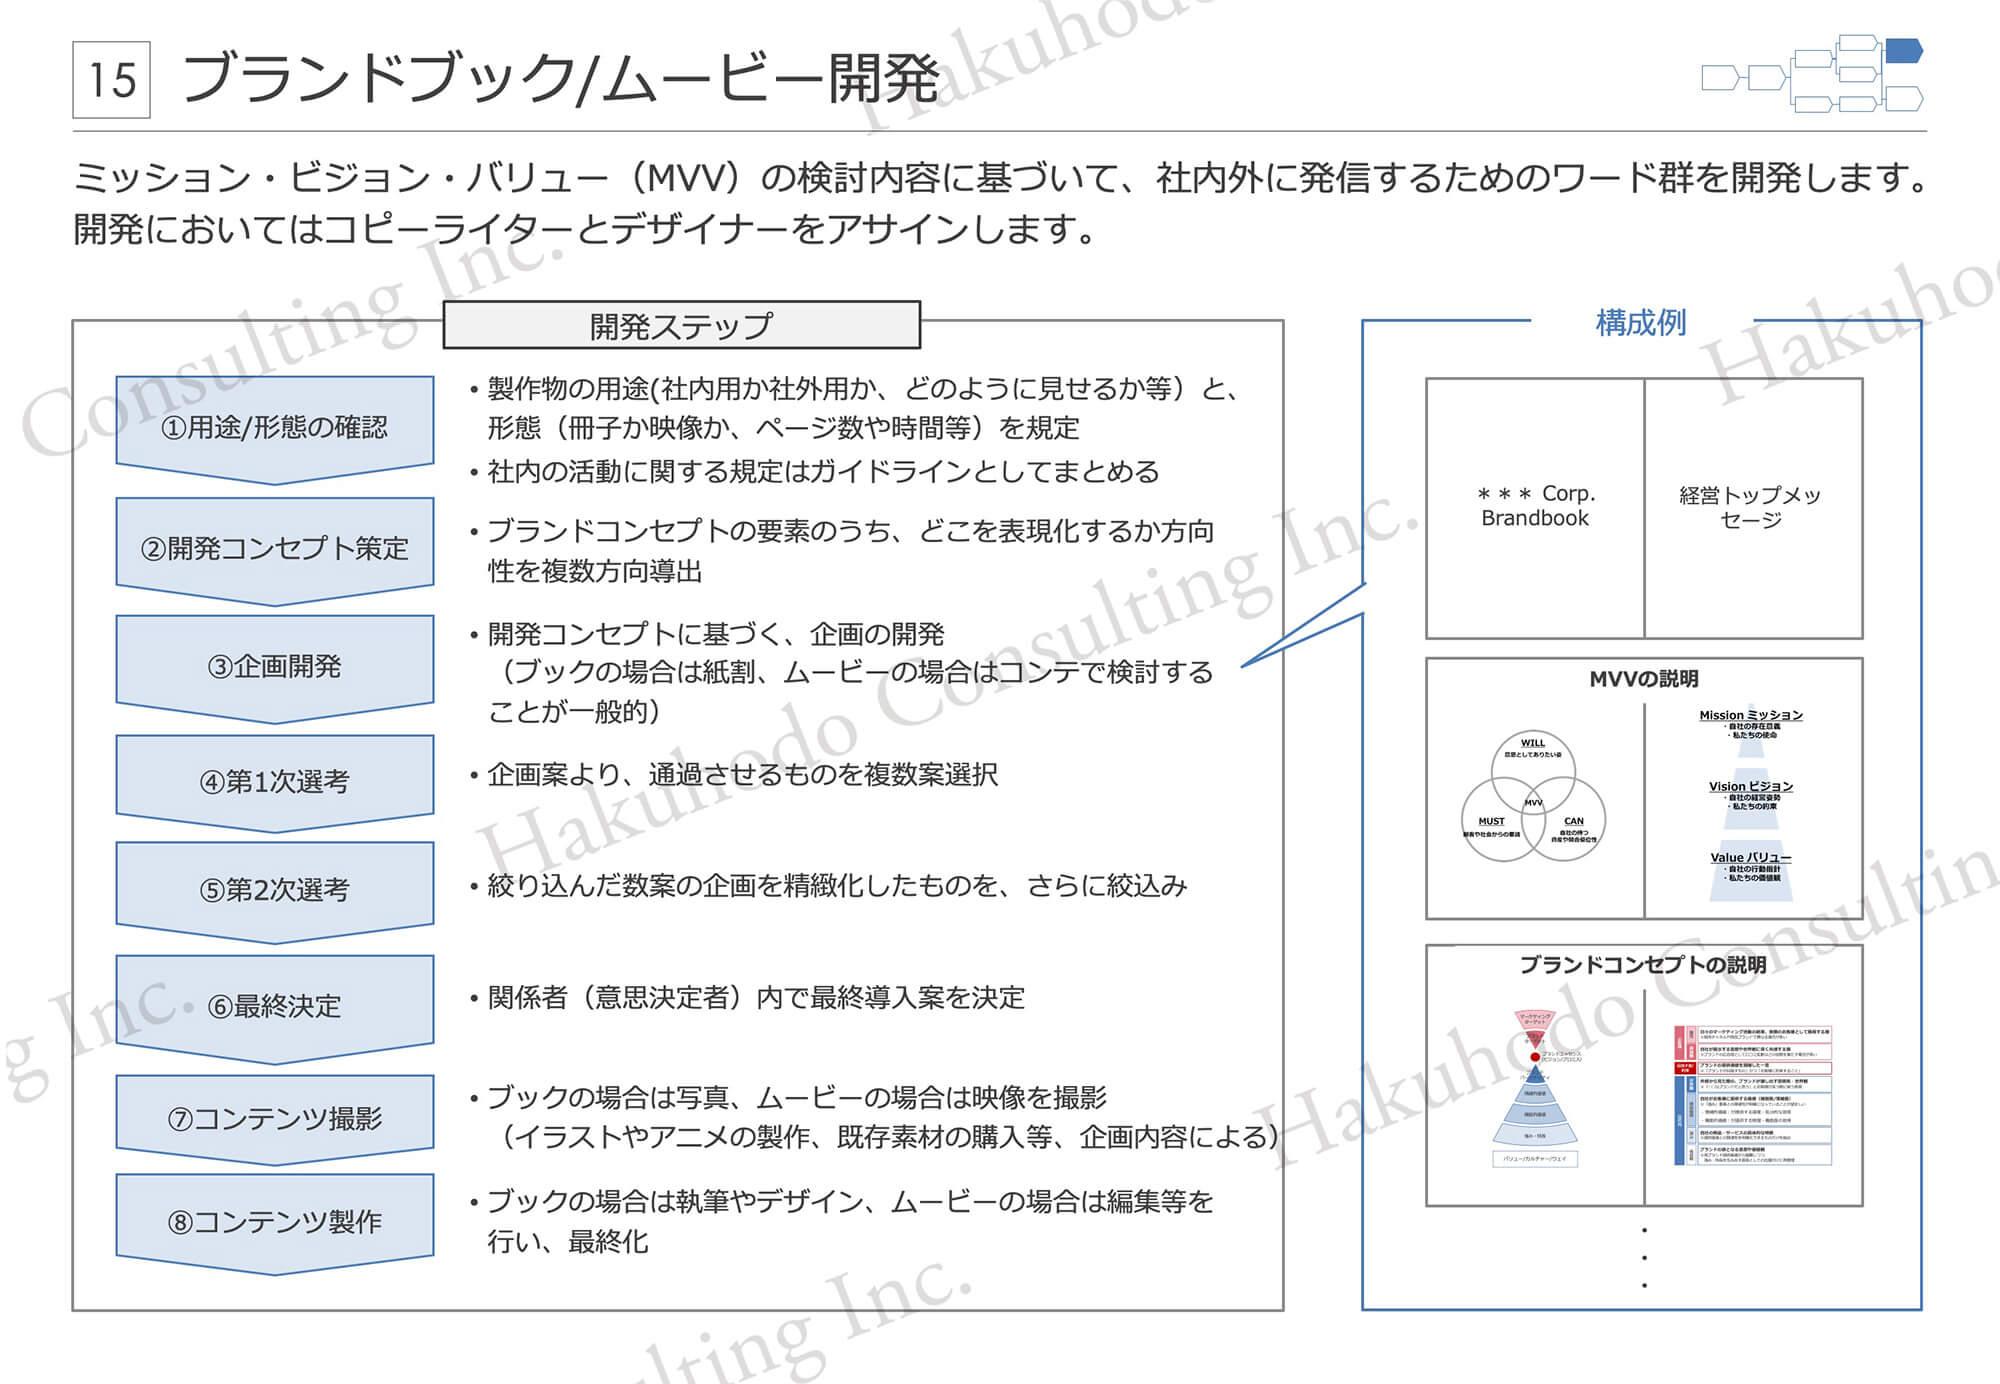 ブランドブック/ムービー開発 ミッション・ビジョン・バリュー(MVV)の検討内容に基づいて、社内外に発信するためのワード群を開発します。開発においてはコピーライターとデザイナーをアサインします。